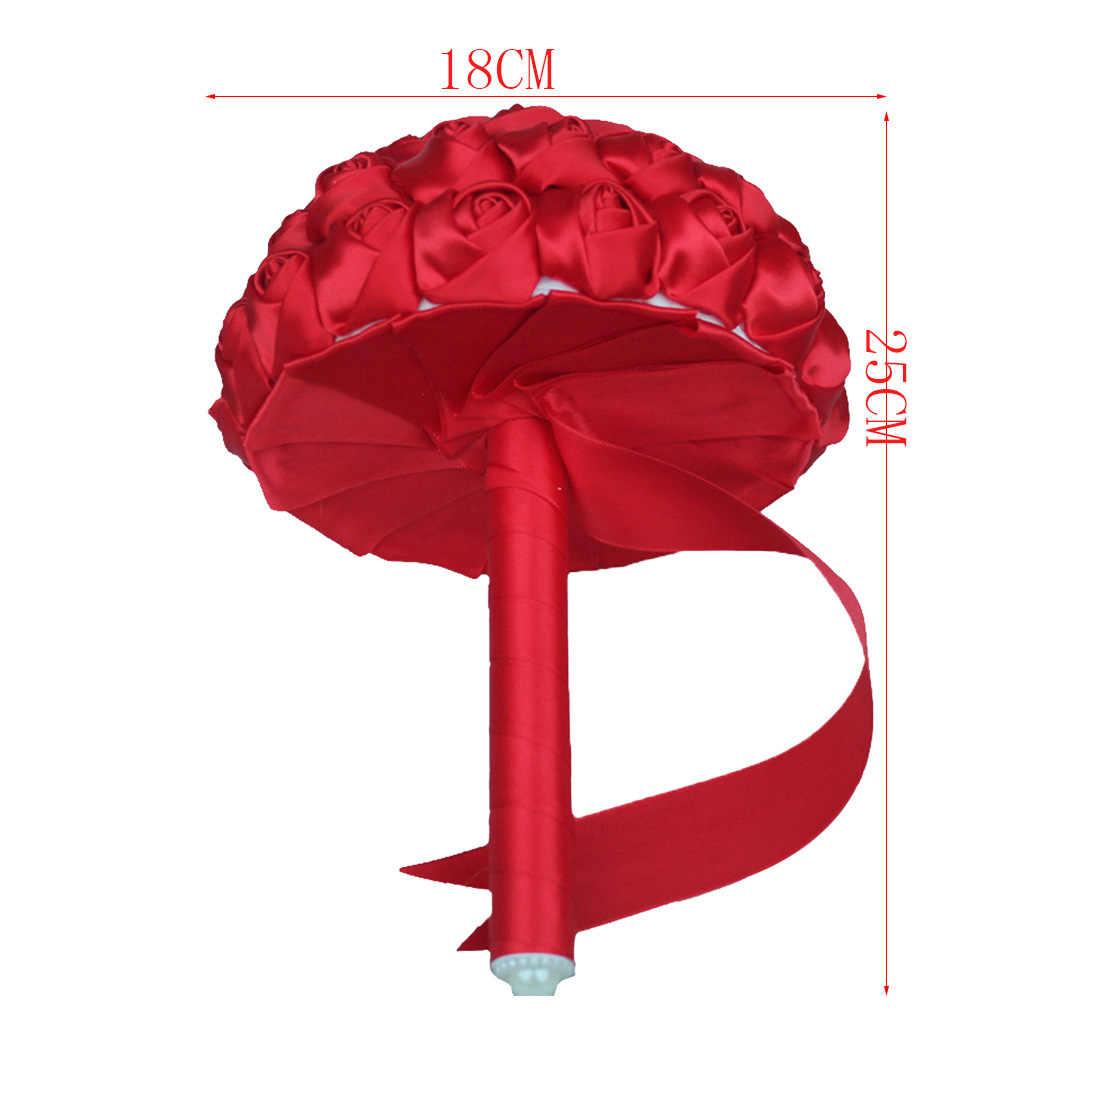 1 pezzo Semplice Crema Avorio di Seta Bouquet Da Sposa Fiori Artificiali Damigella D'onore/Sposa Bouquet Decorazione Su Misura